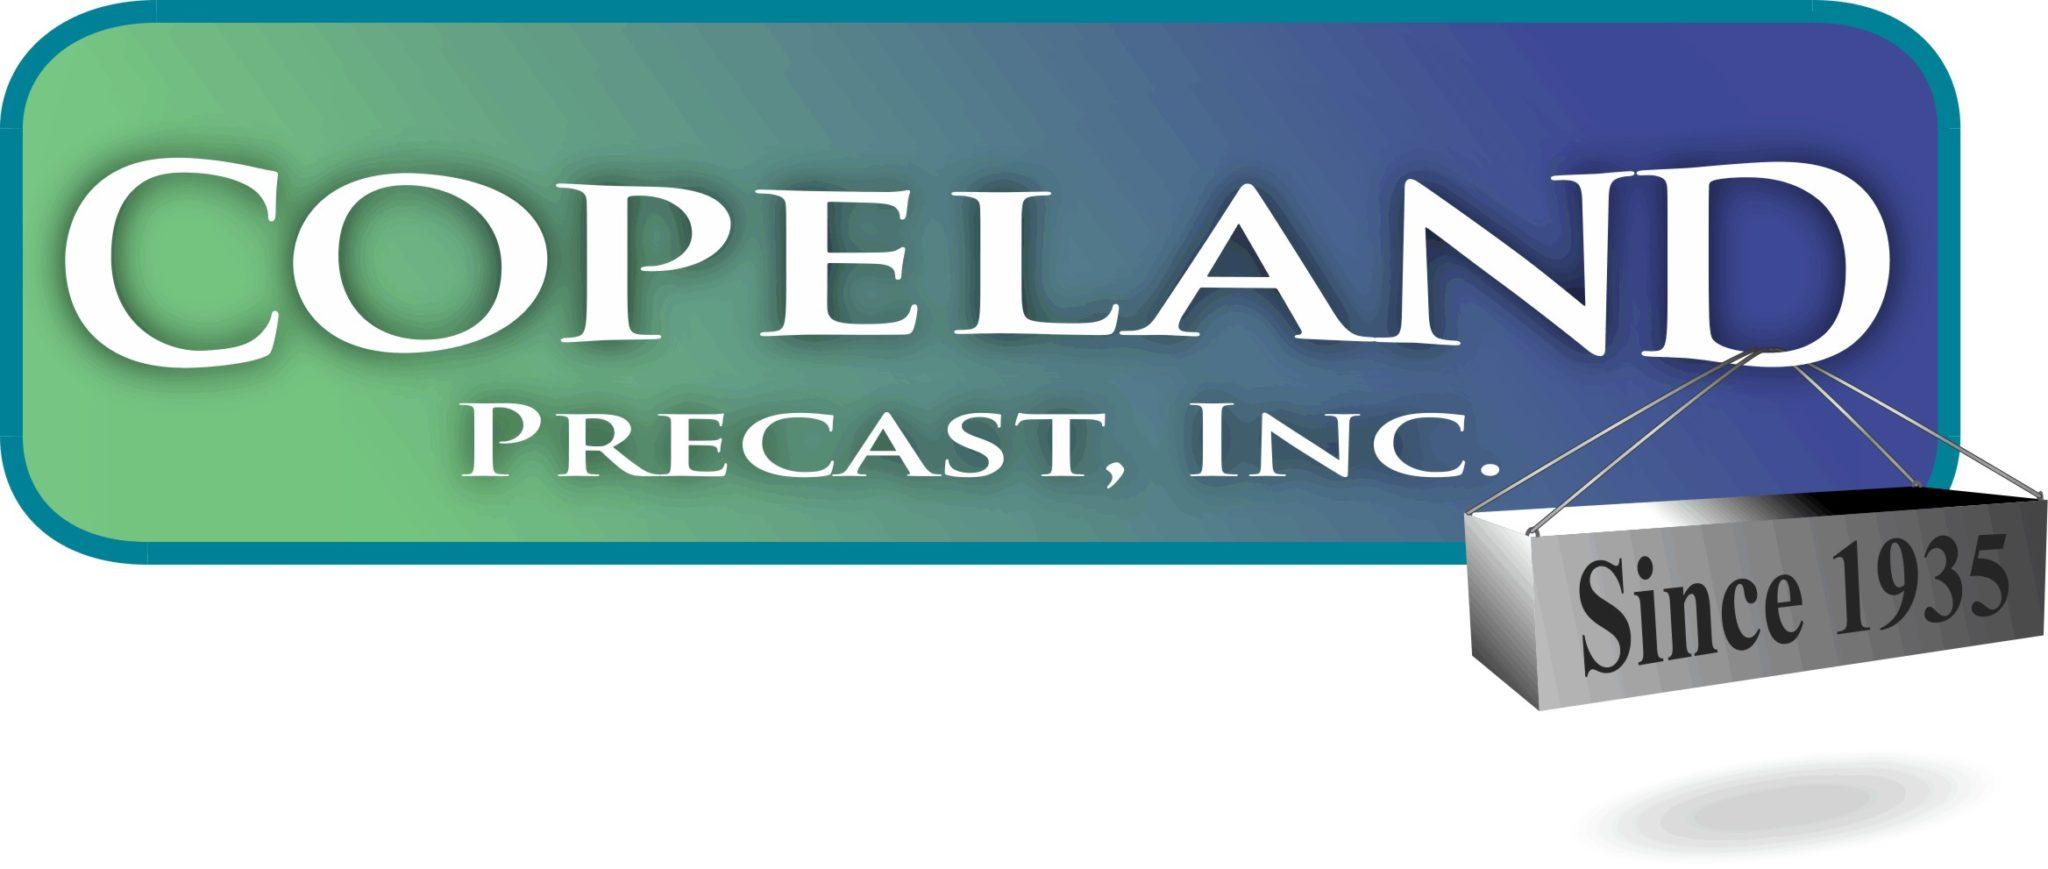 Copeland Precast